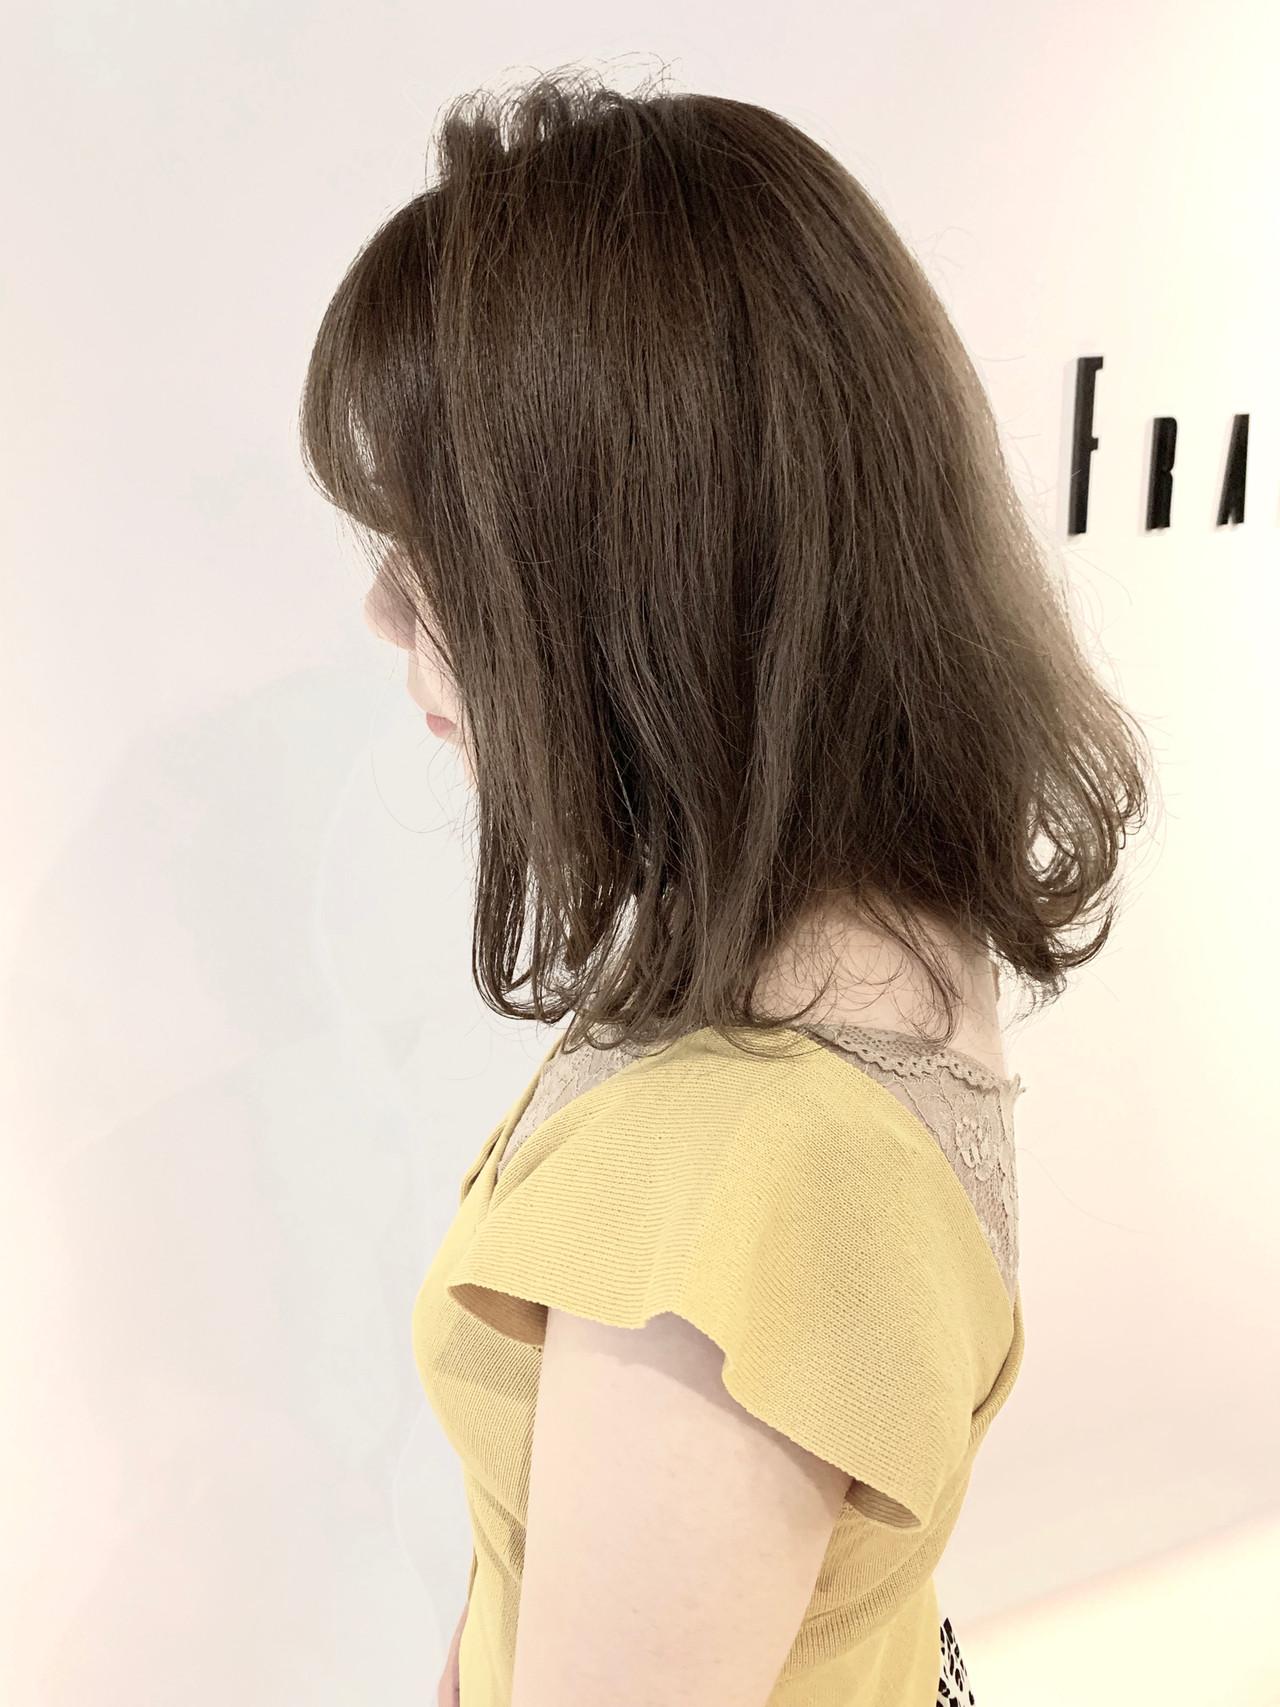 大人可愛い アッシュ グレーベージュ 簡単スタイリング ヘアスタイルや髪型の写真・画像 | 村上 駿 / FRAMES hair design